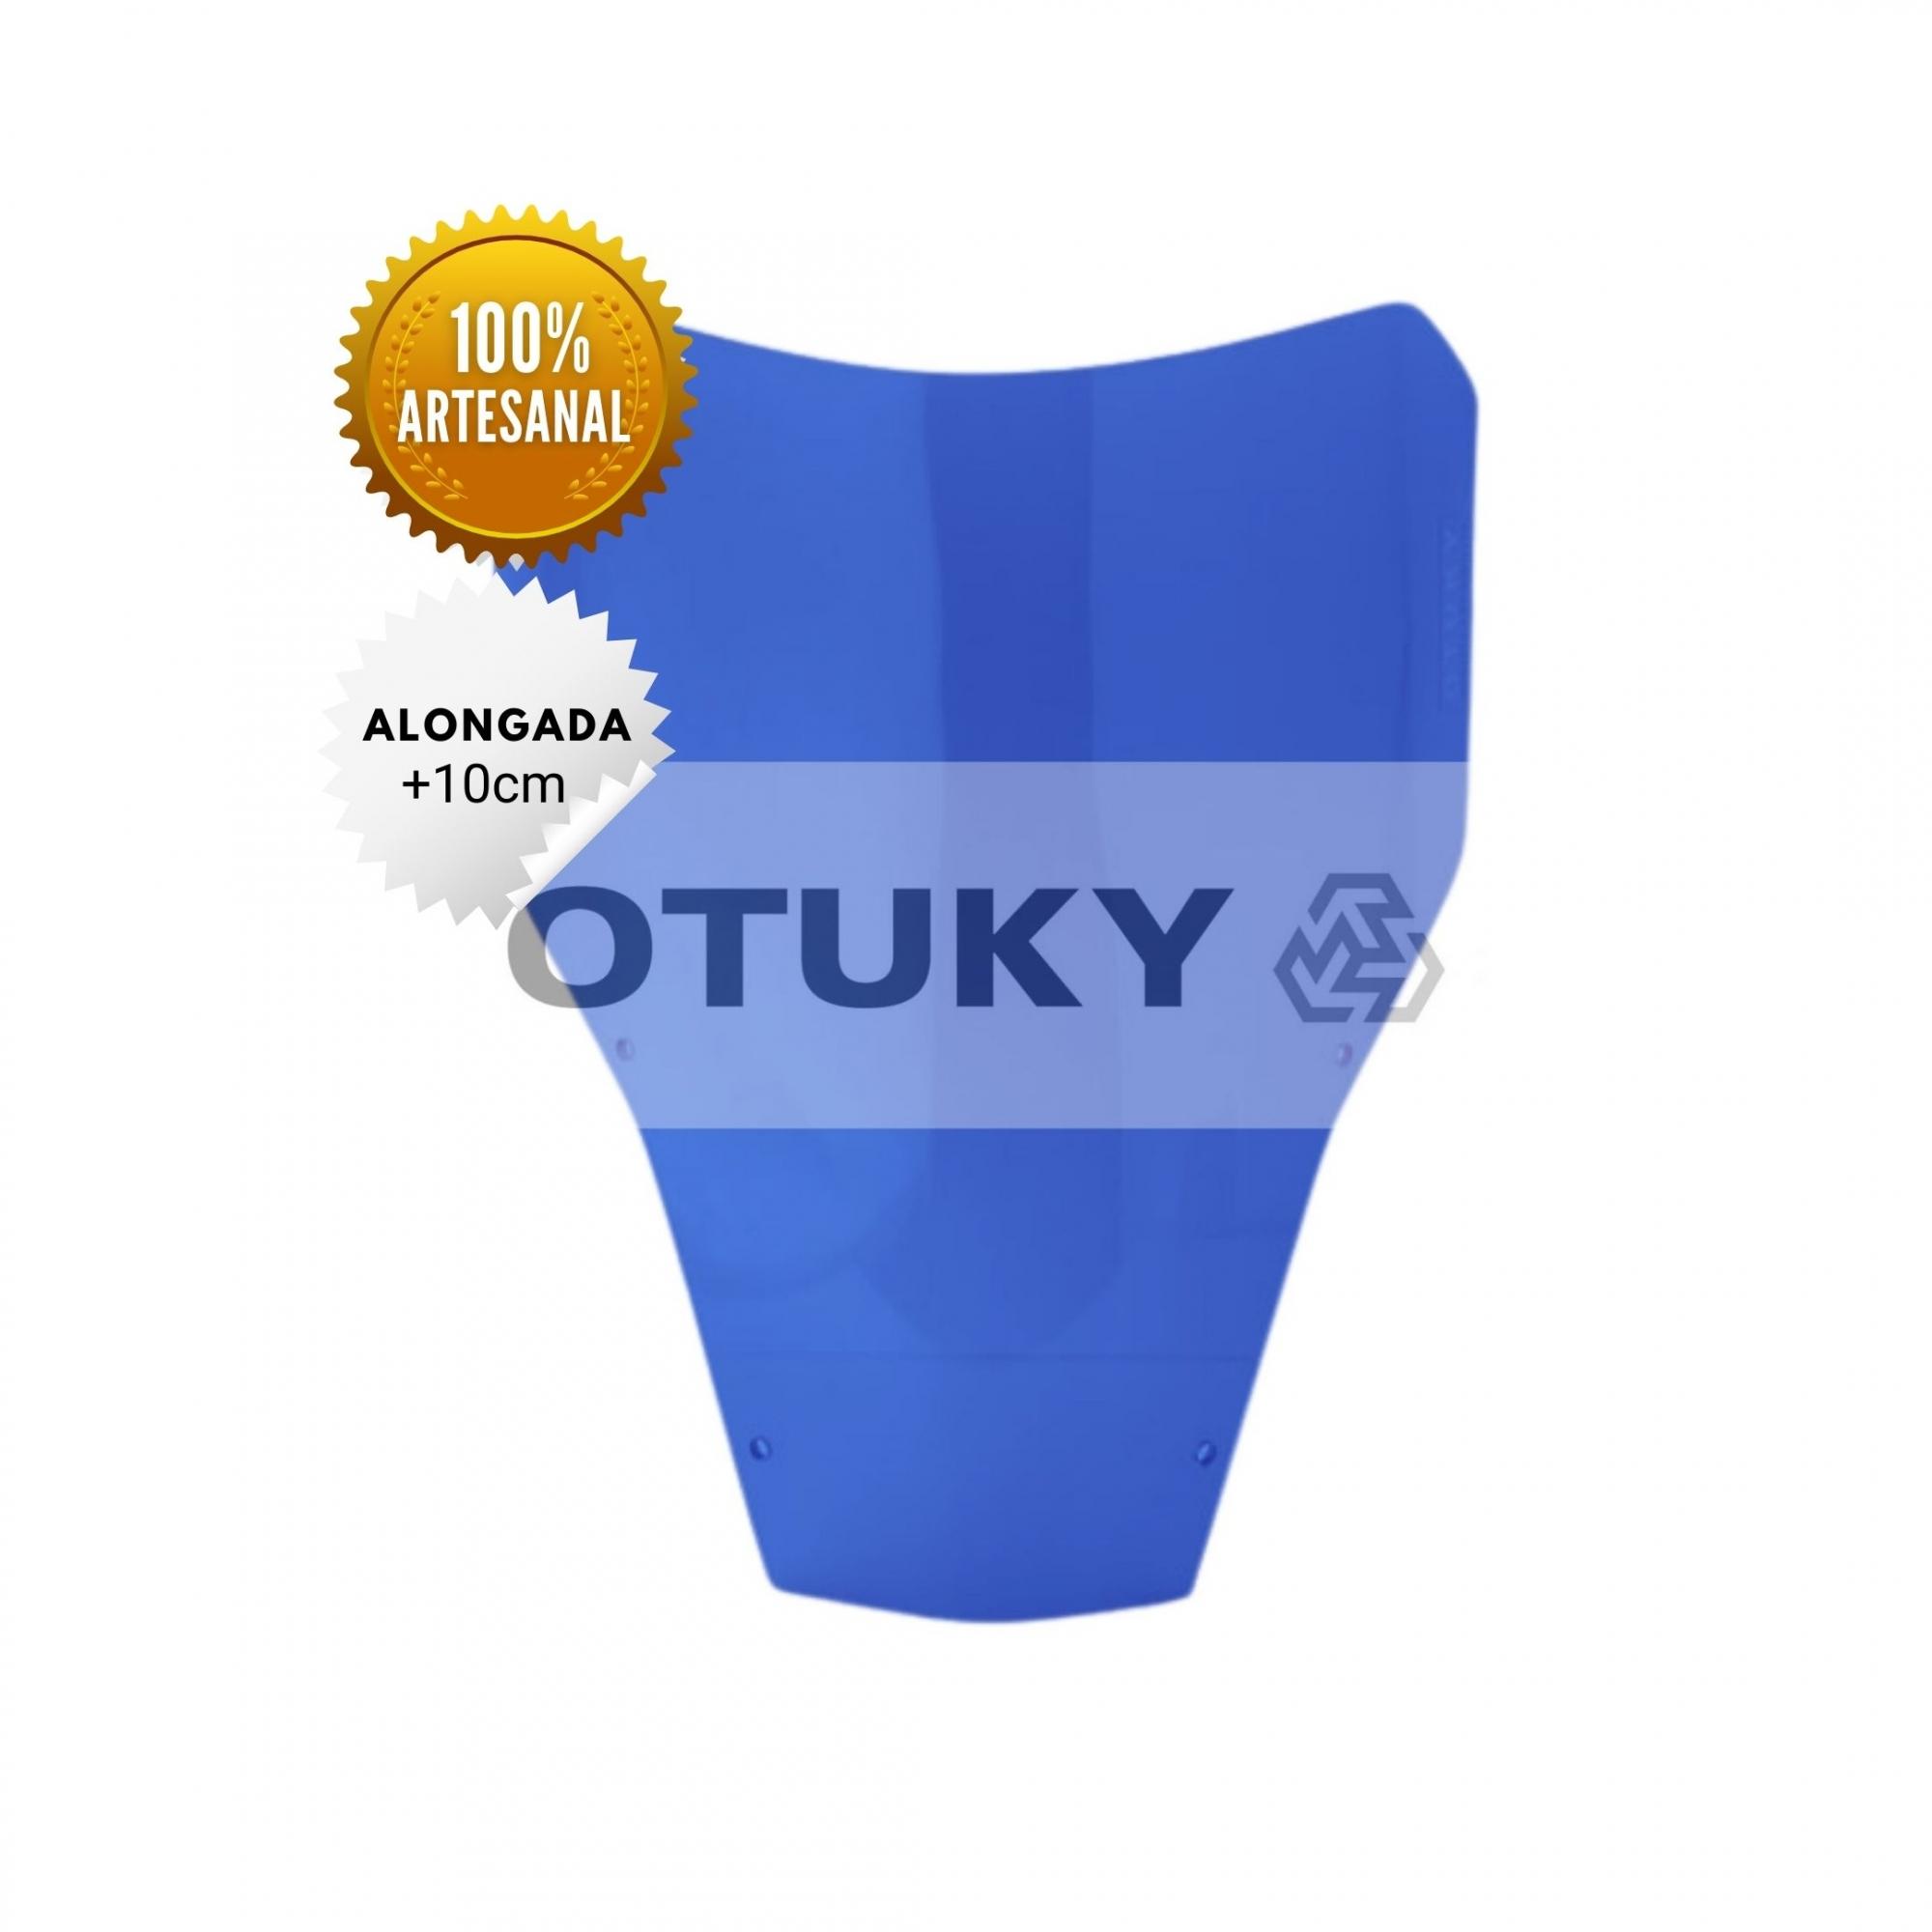 Bolha para Moto XT 660 R 2005 até 2018 Otuky Alongada Azul Escuro